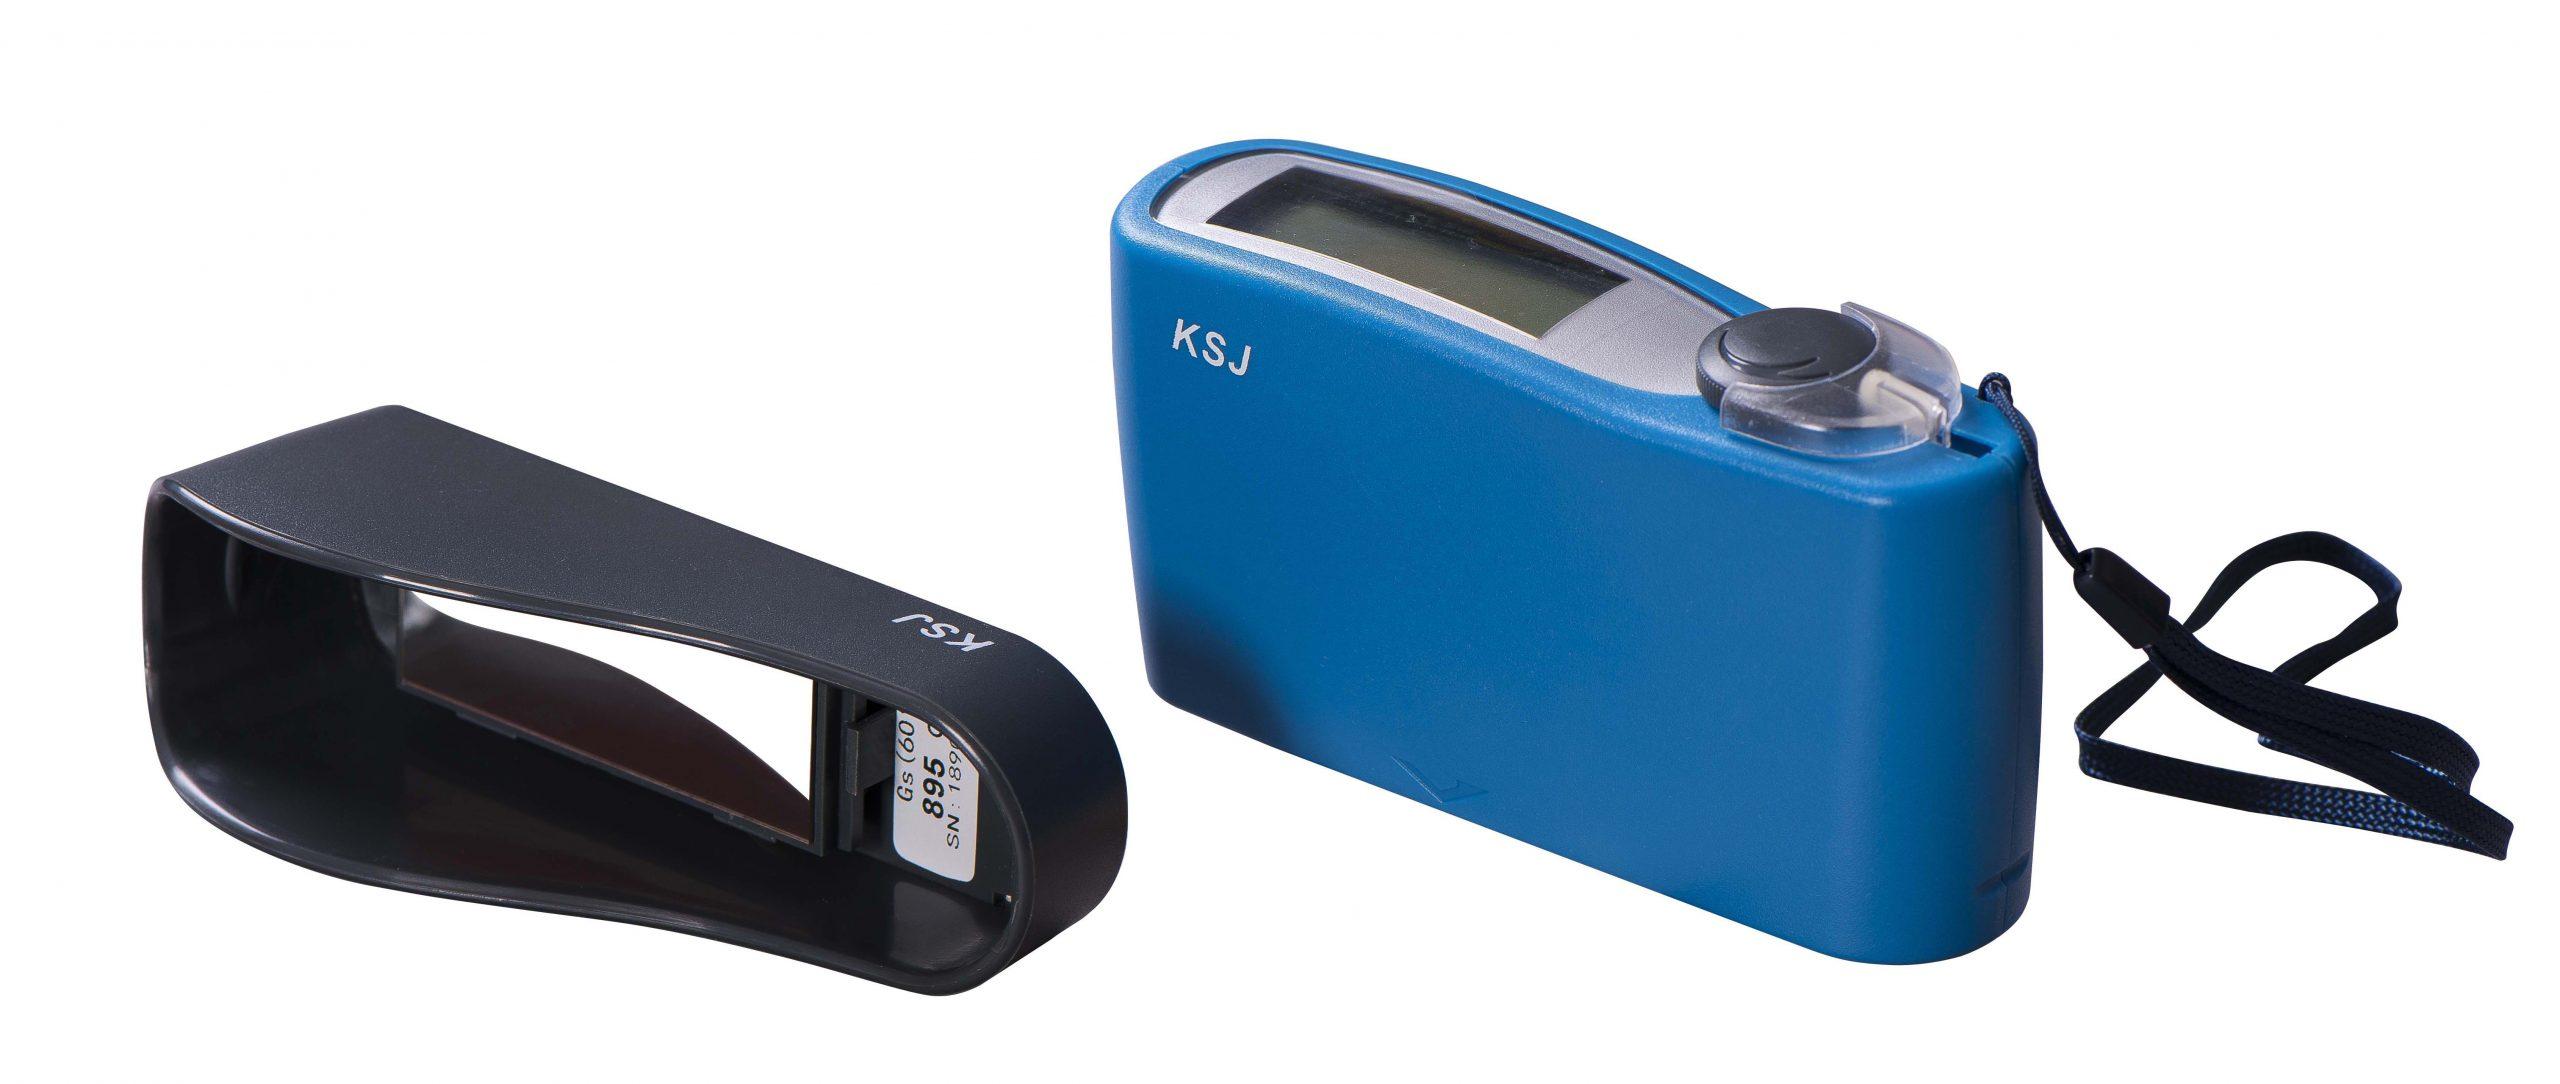 KSJ MG6-SM Gloss Meter for Metal